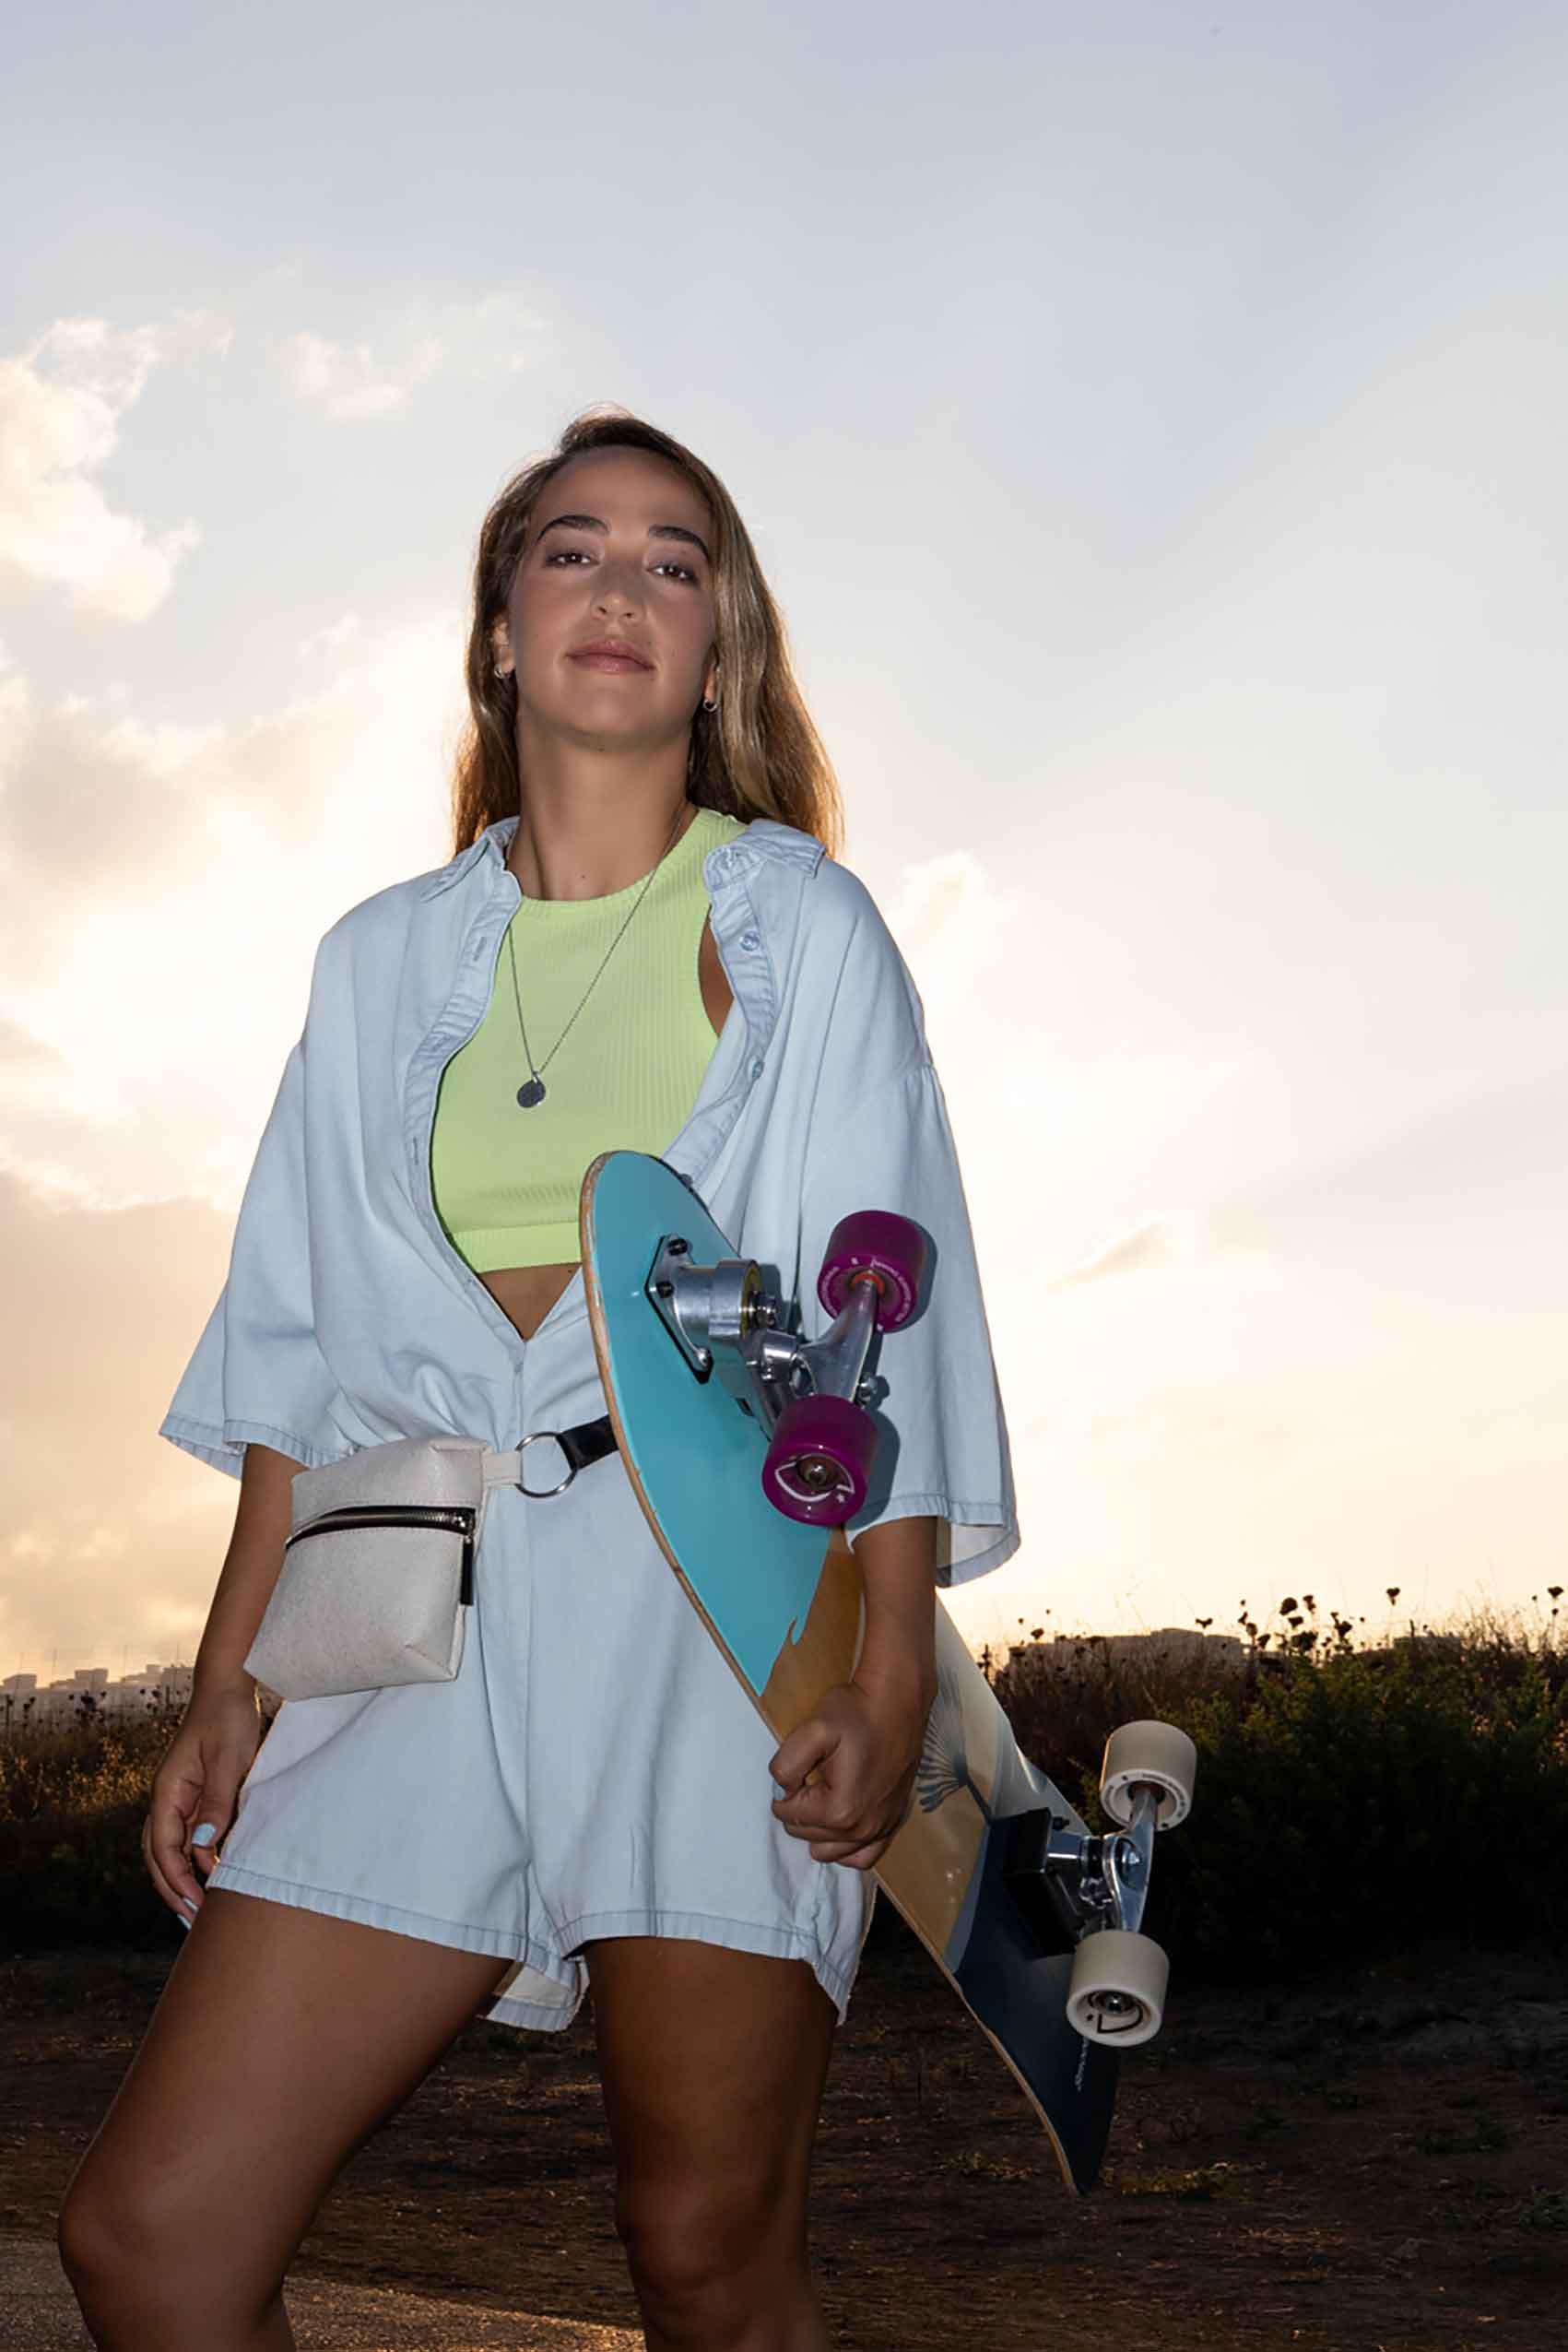 צילום: שירן קפלן, סטיילינג: אור צפריר, איפור ושיער: שולמית גלעדי, דוגמניות:שירן זריהן, שירן מוסטובוי - Fashion Israel - מגזין אופנה ישראלי-8